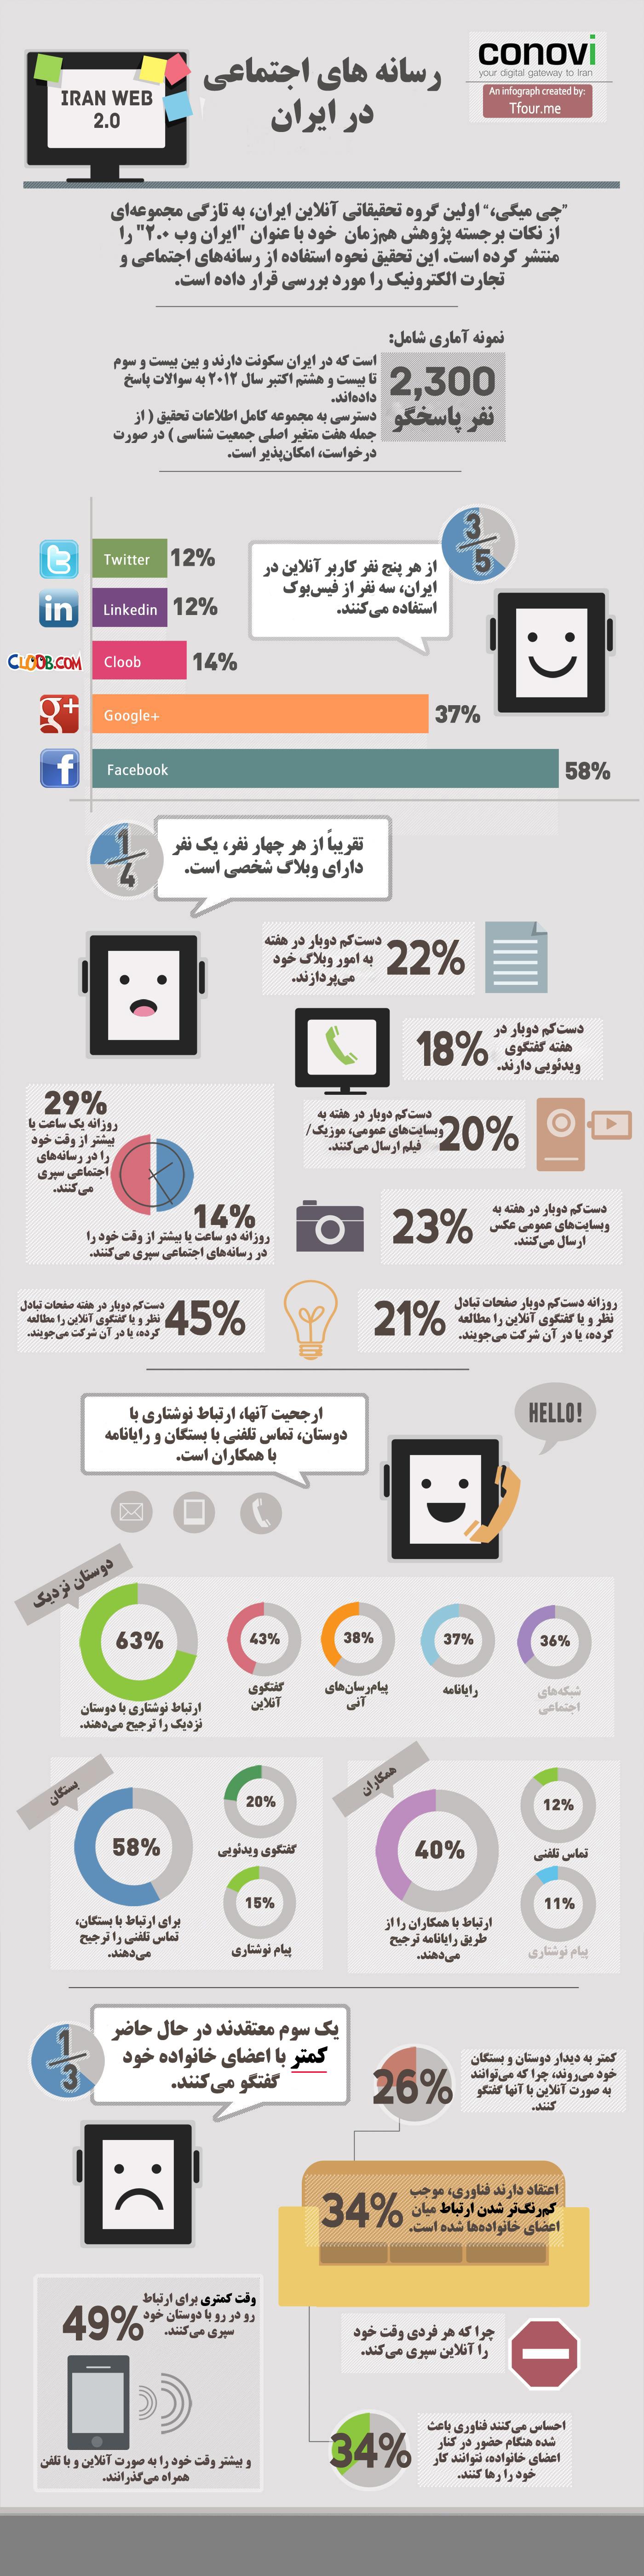 میزان استفاده کاربران ایرانی از شبکه های اجتماعی www.campfa.ir